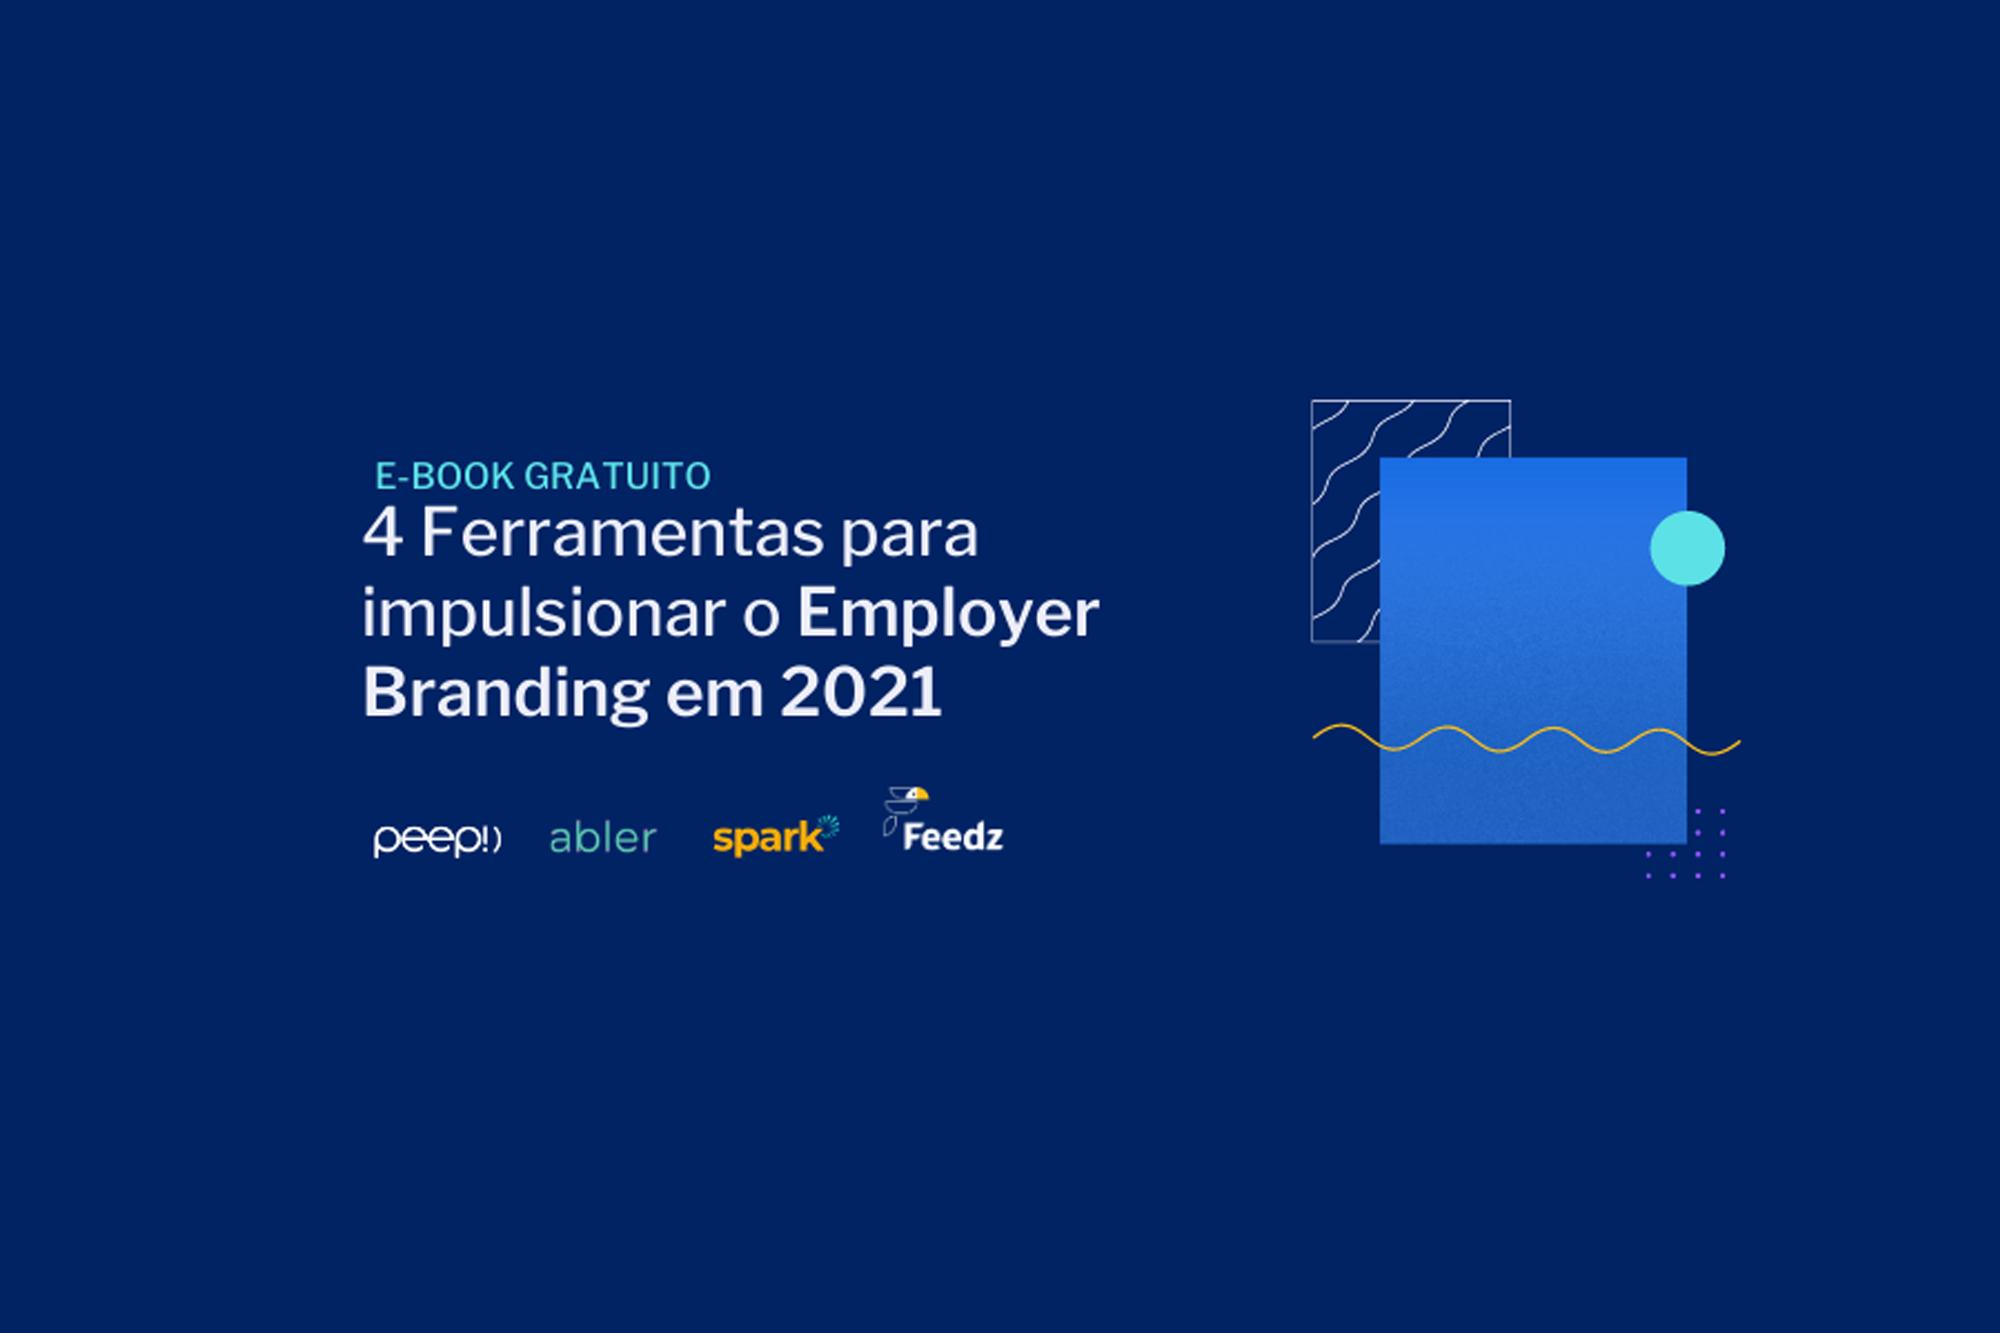 4 ferramentas para impulsionar o Employer Branding em 2021